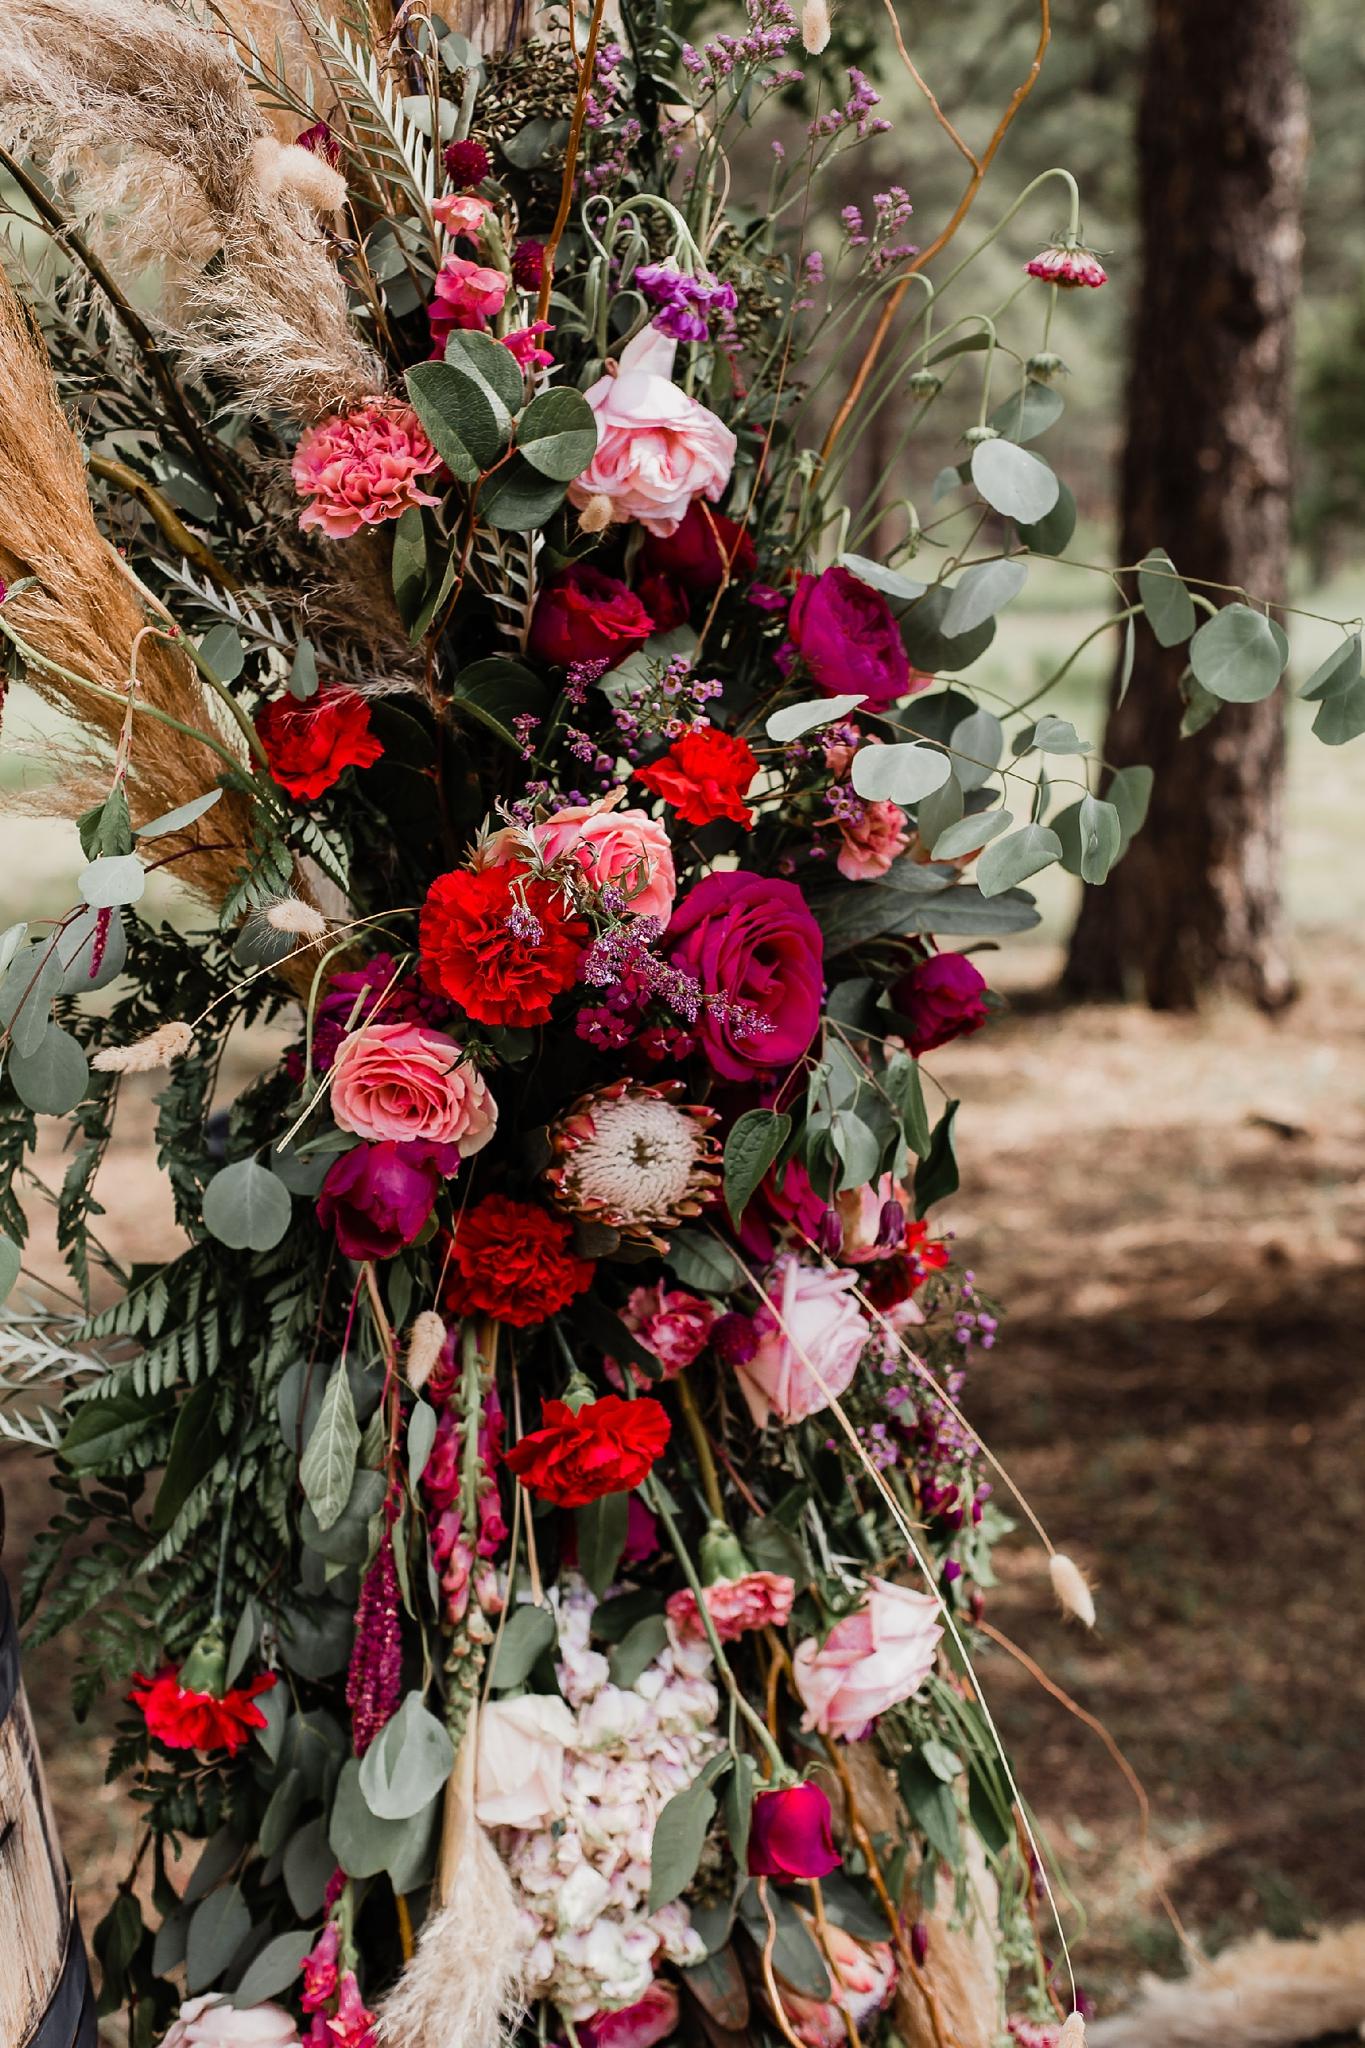 Alicia+lucia+photography+-+albuquerque+wedding+photographer+-+santa+fe+wedding+photography+-+new+mexico+wedding+photographer+-+new+mexico+wedding+-+summer+wedding+-+summer+wedding+florals+-+southwest+wedding_0009.jpg